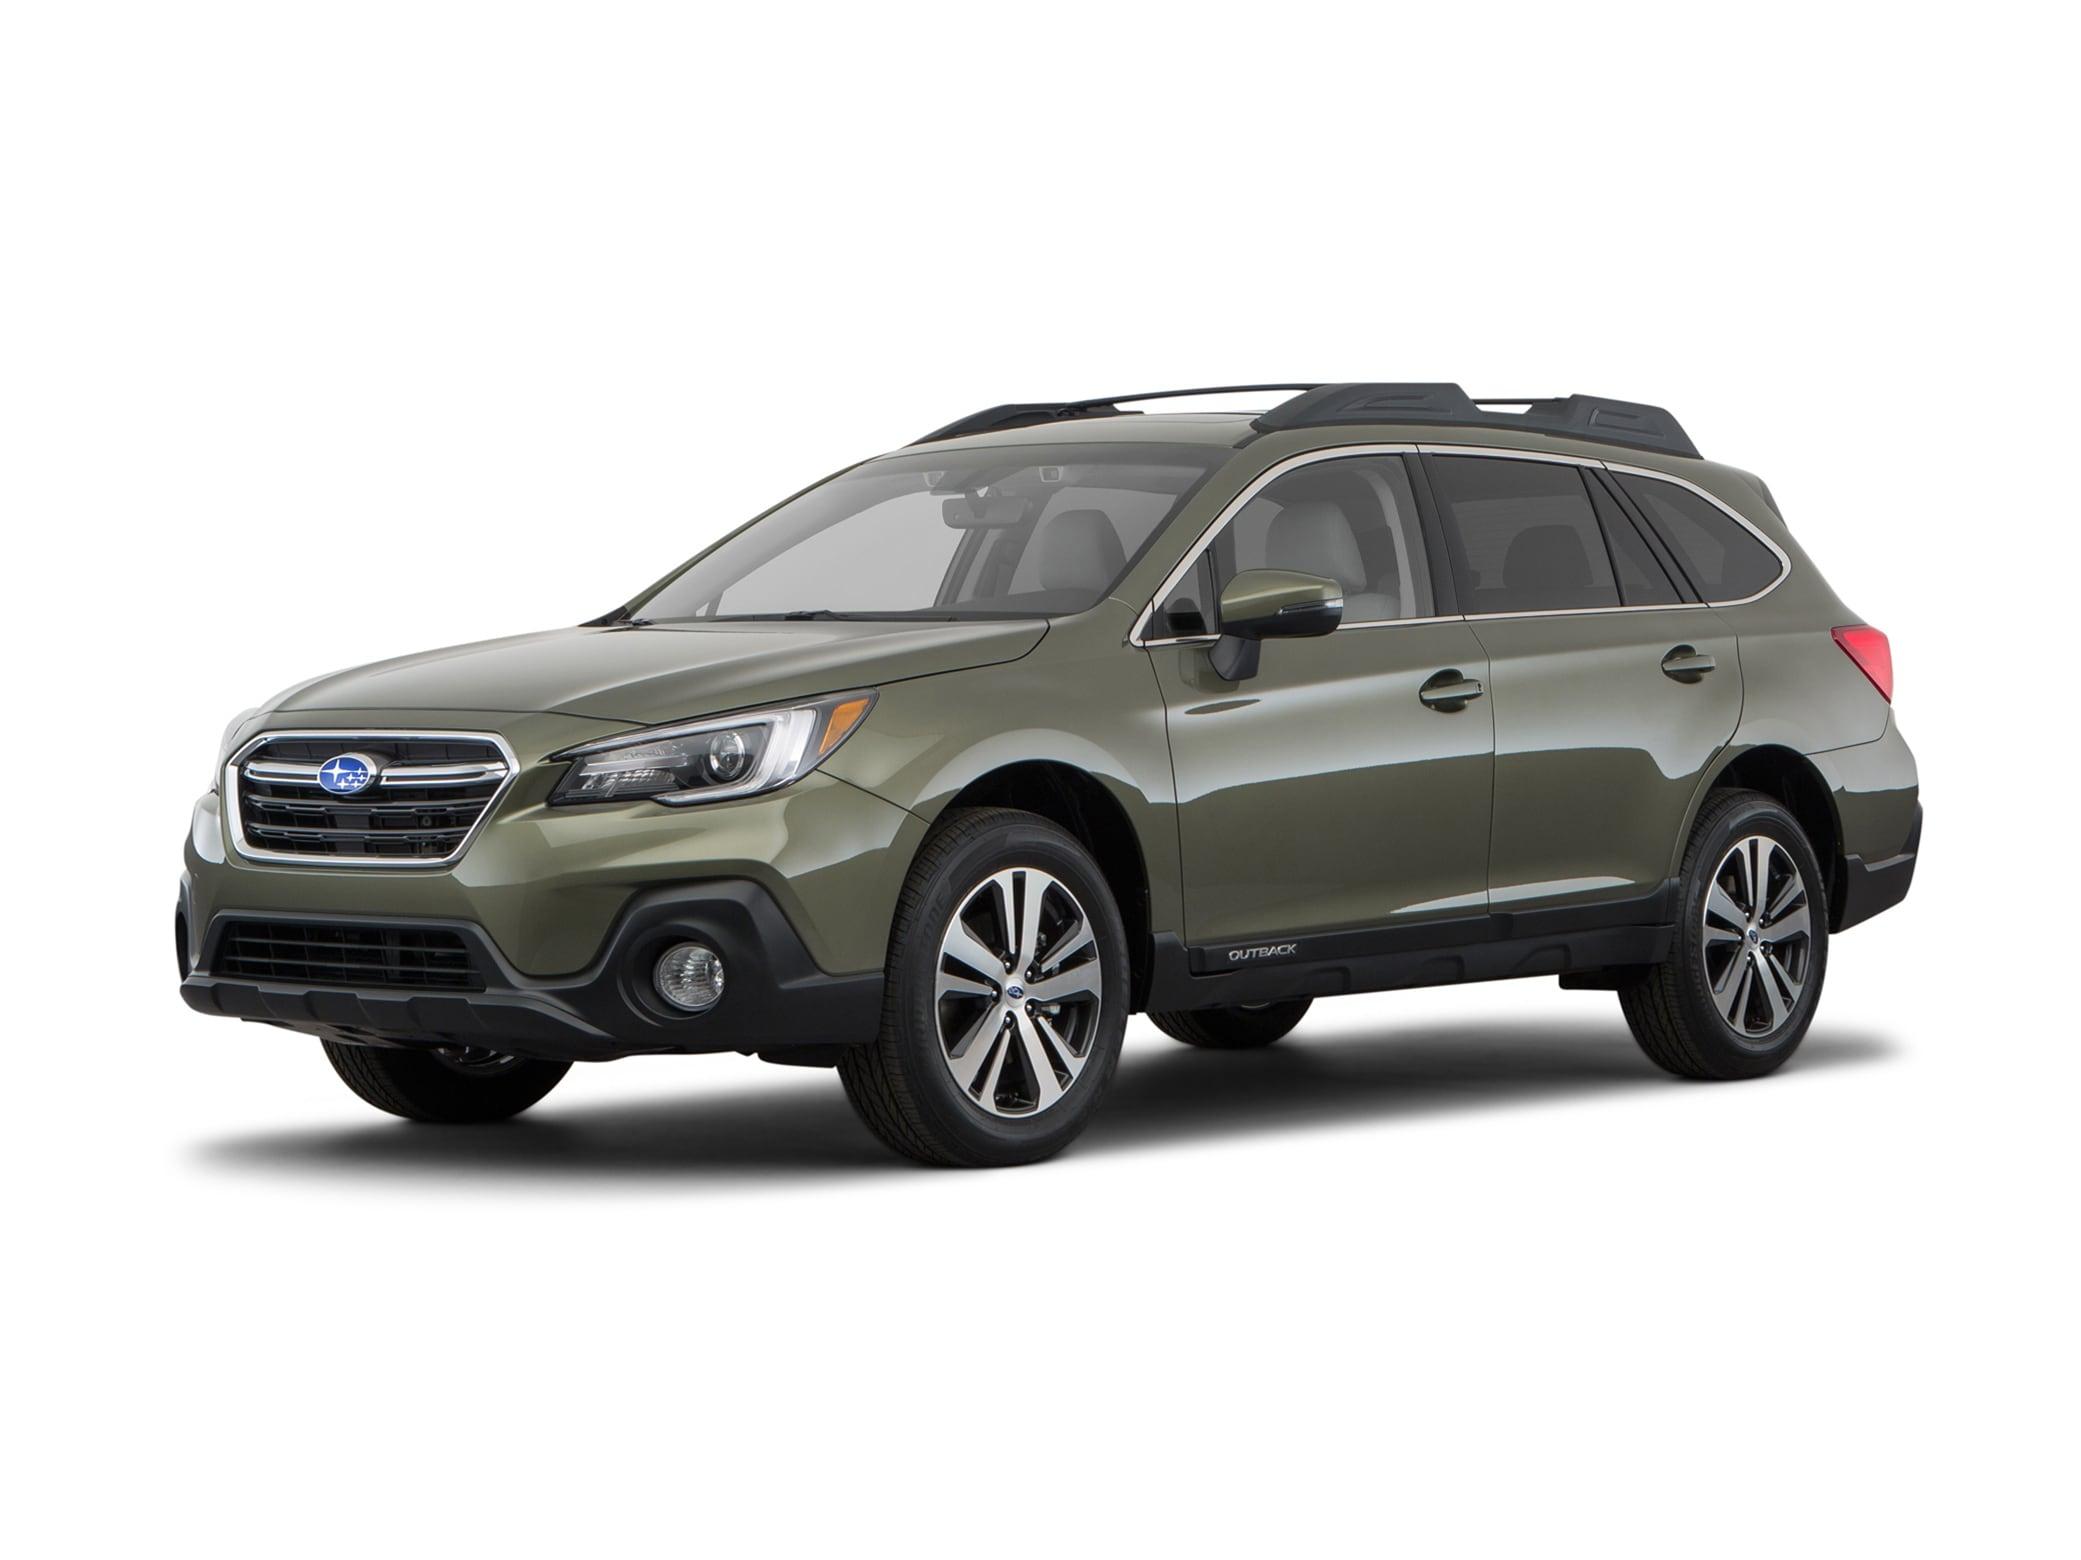 New 2019 Subaru Outback 2 5i Limited For Sale in Grand Rapids, MI | Near  Belmont, Rockford, MI, Comstock Park, Ionia & Grandville, MI |